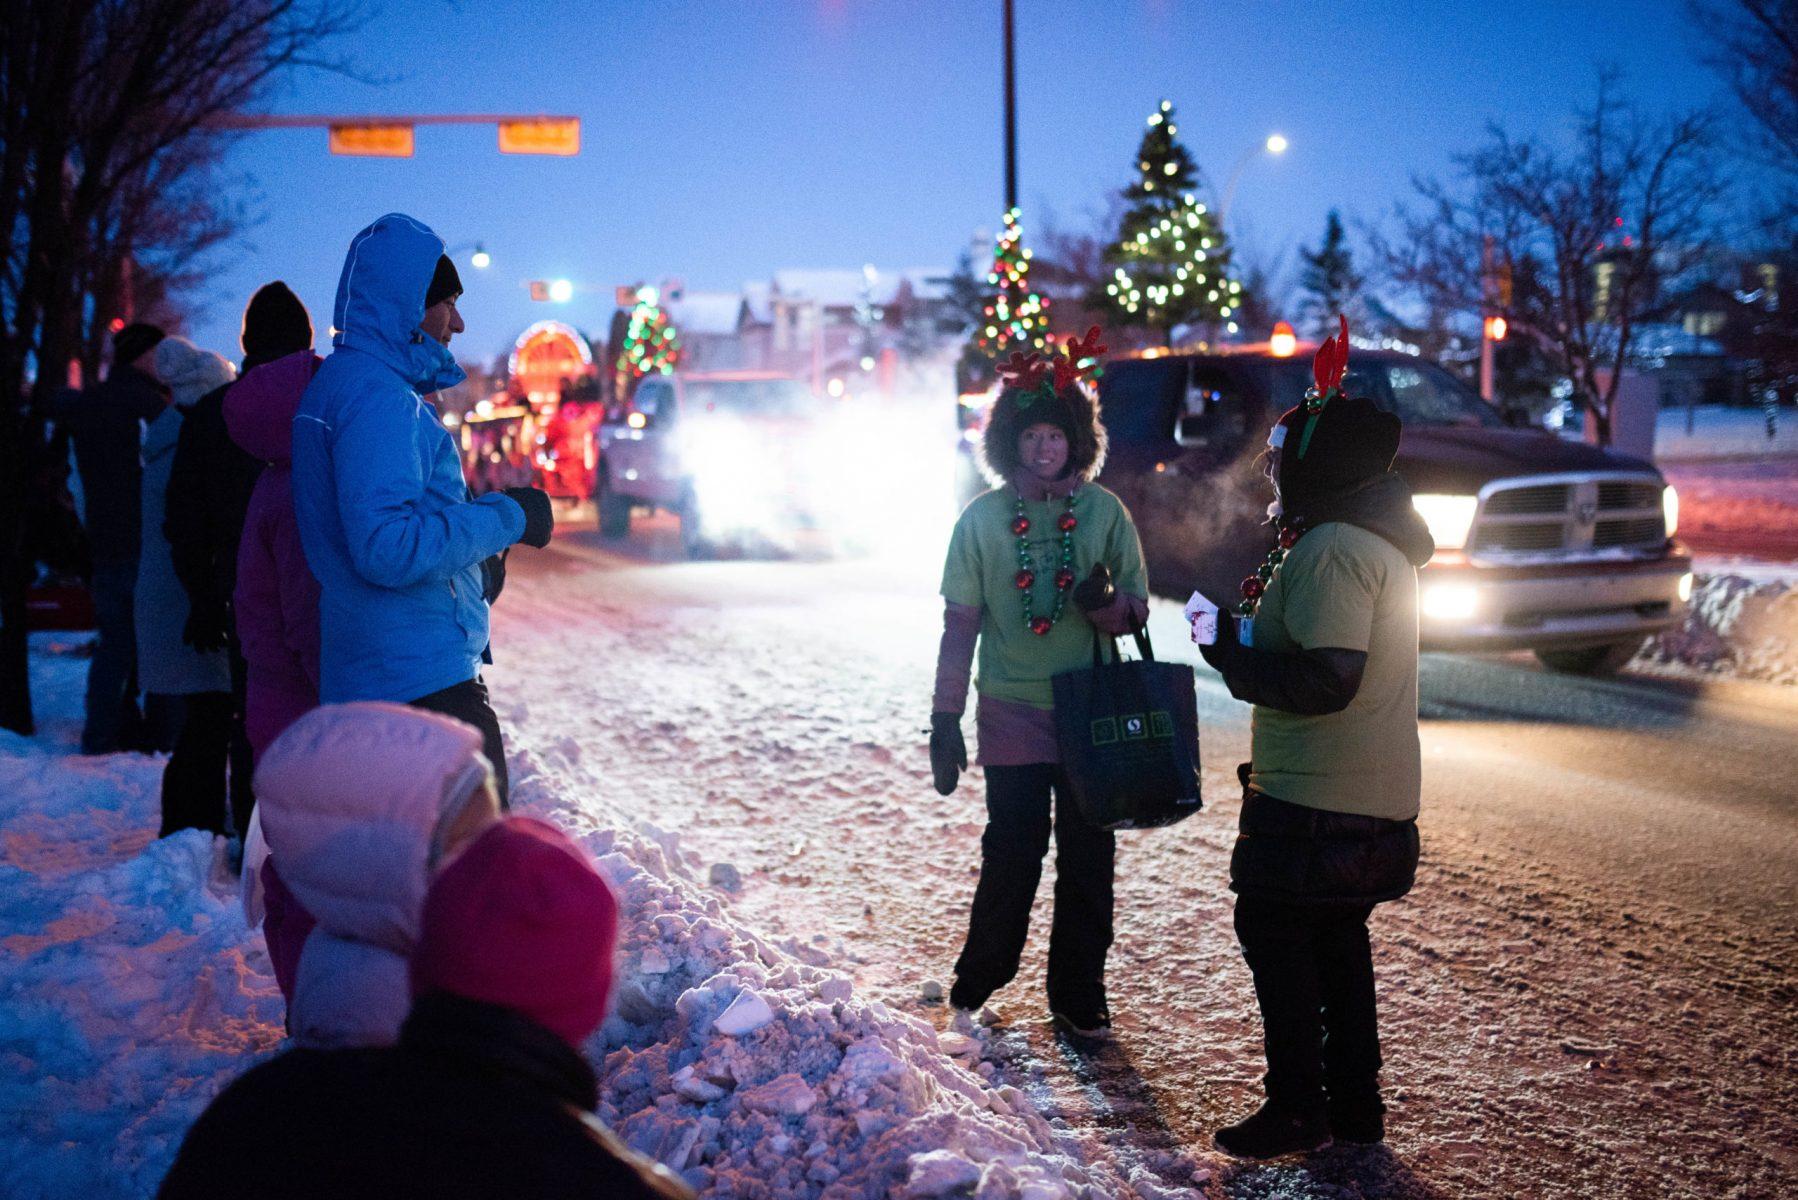 Auburn-Bay-Christmas-Parade-2019-83-scaled